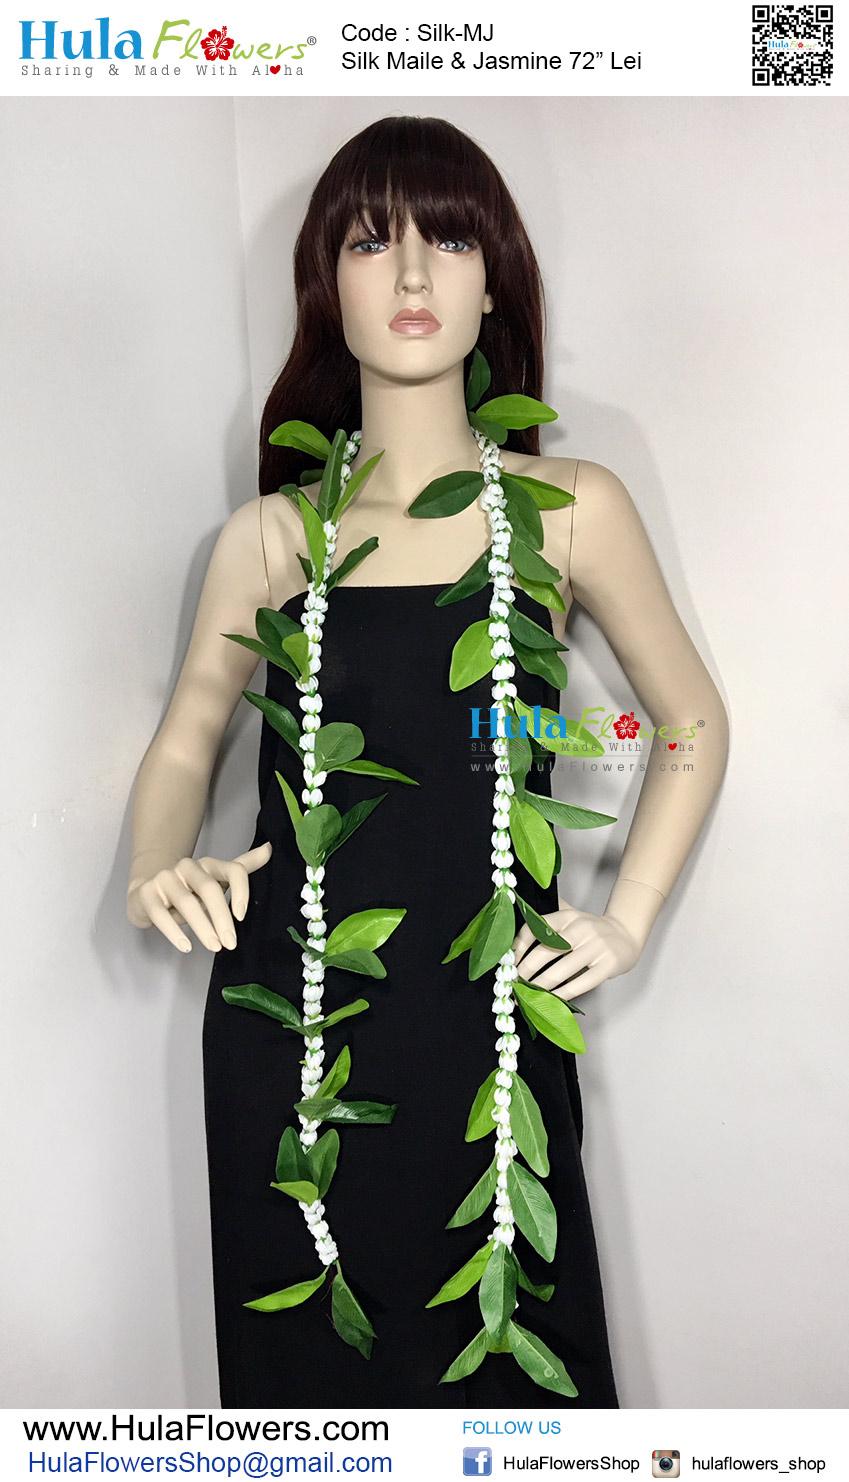 Silk Maile Jasmine 72 Lei Hulaflowers